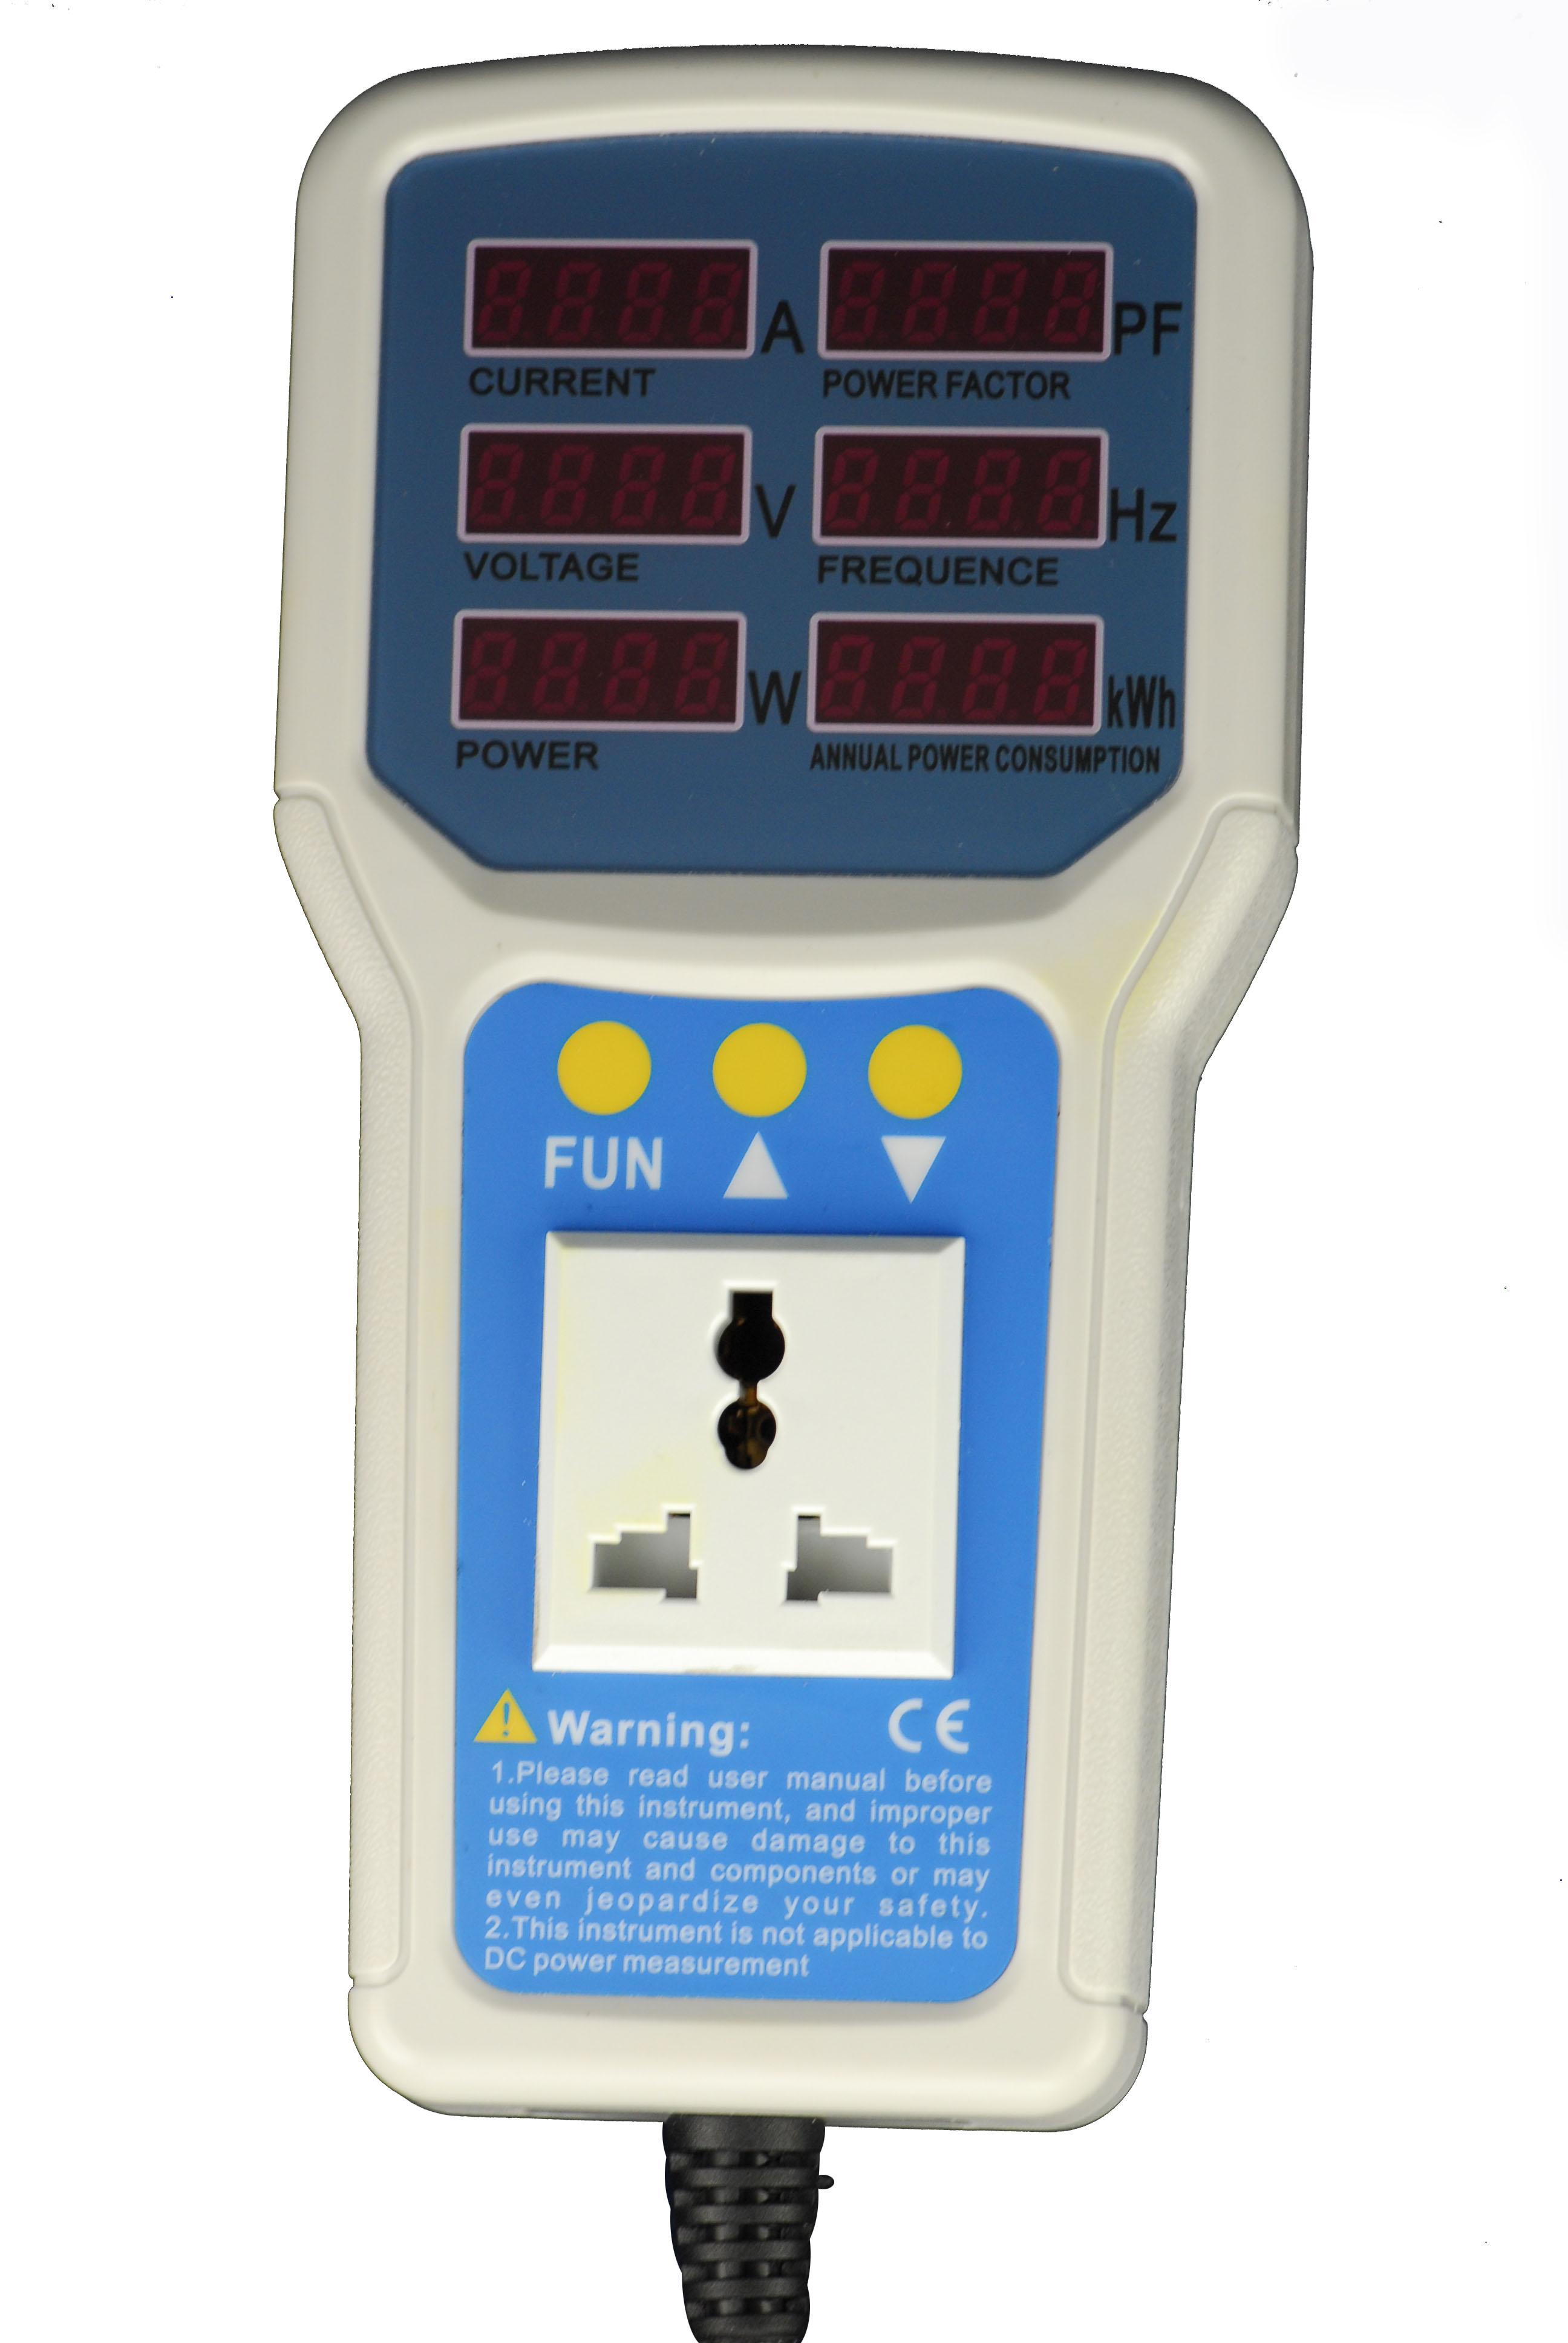 VICTOR WT98 Electricity Meter VICTORWT98